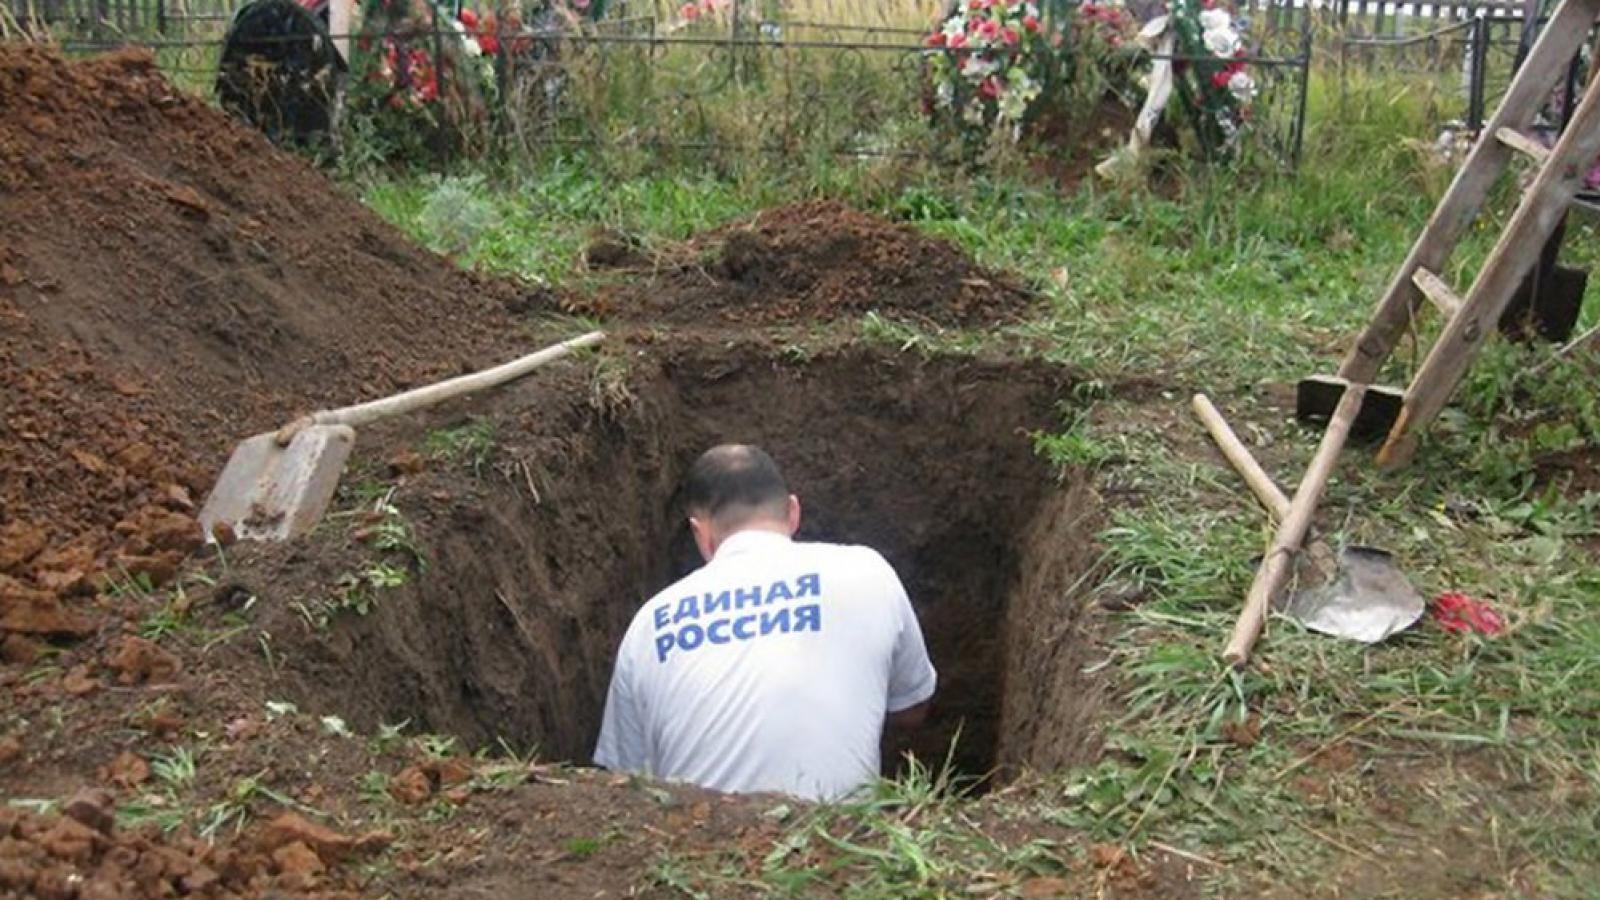 Цены на рытьё могил подскочили в Вологде